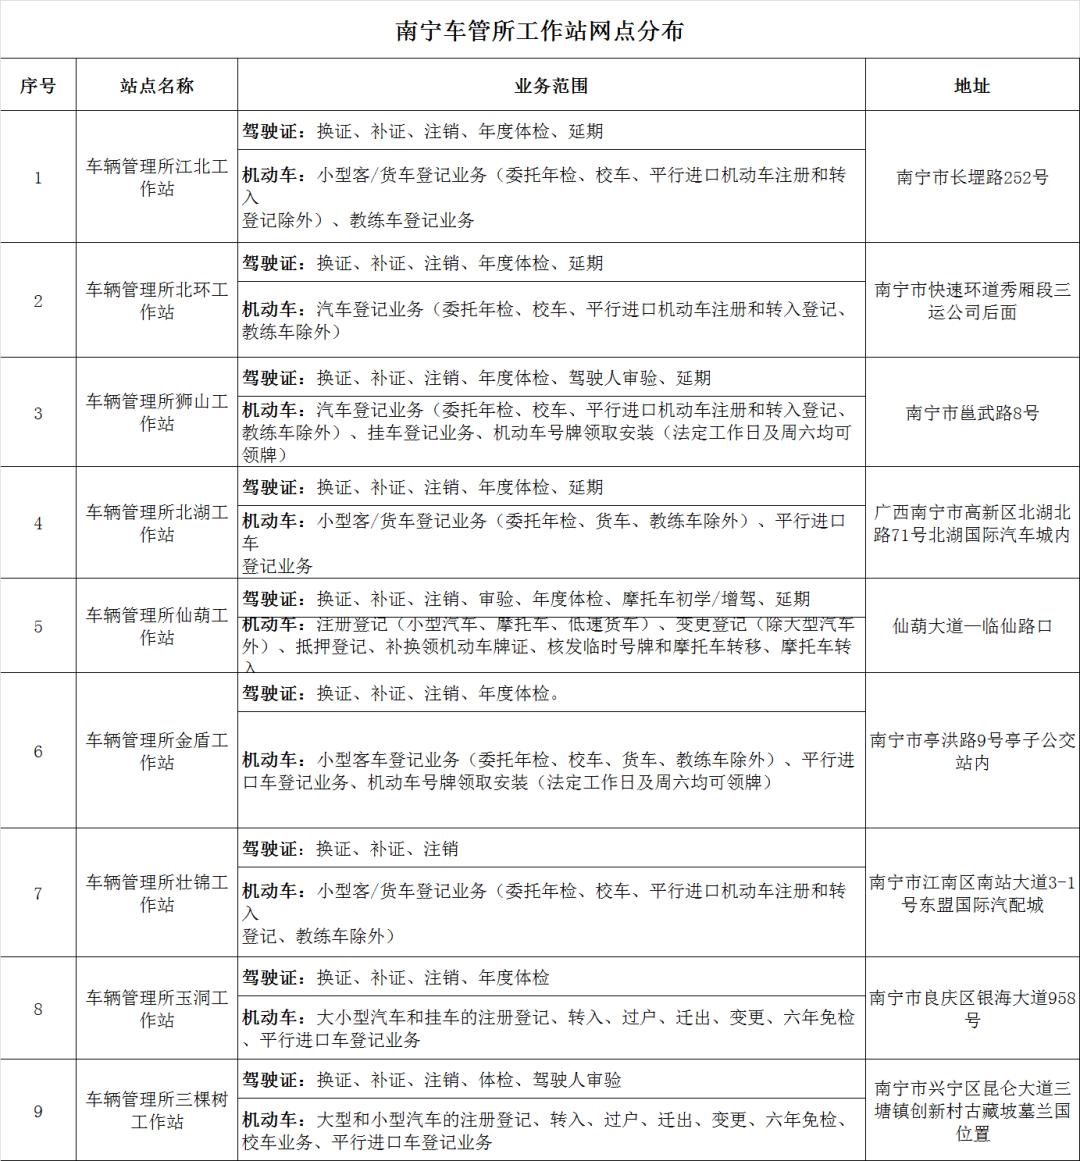 《【摩登2登陆】@南宁车主 8月3日小型汽车新号牌号码段投放等你来选》